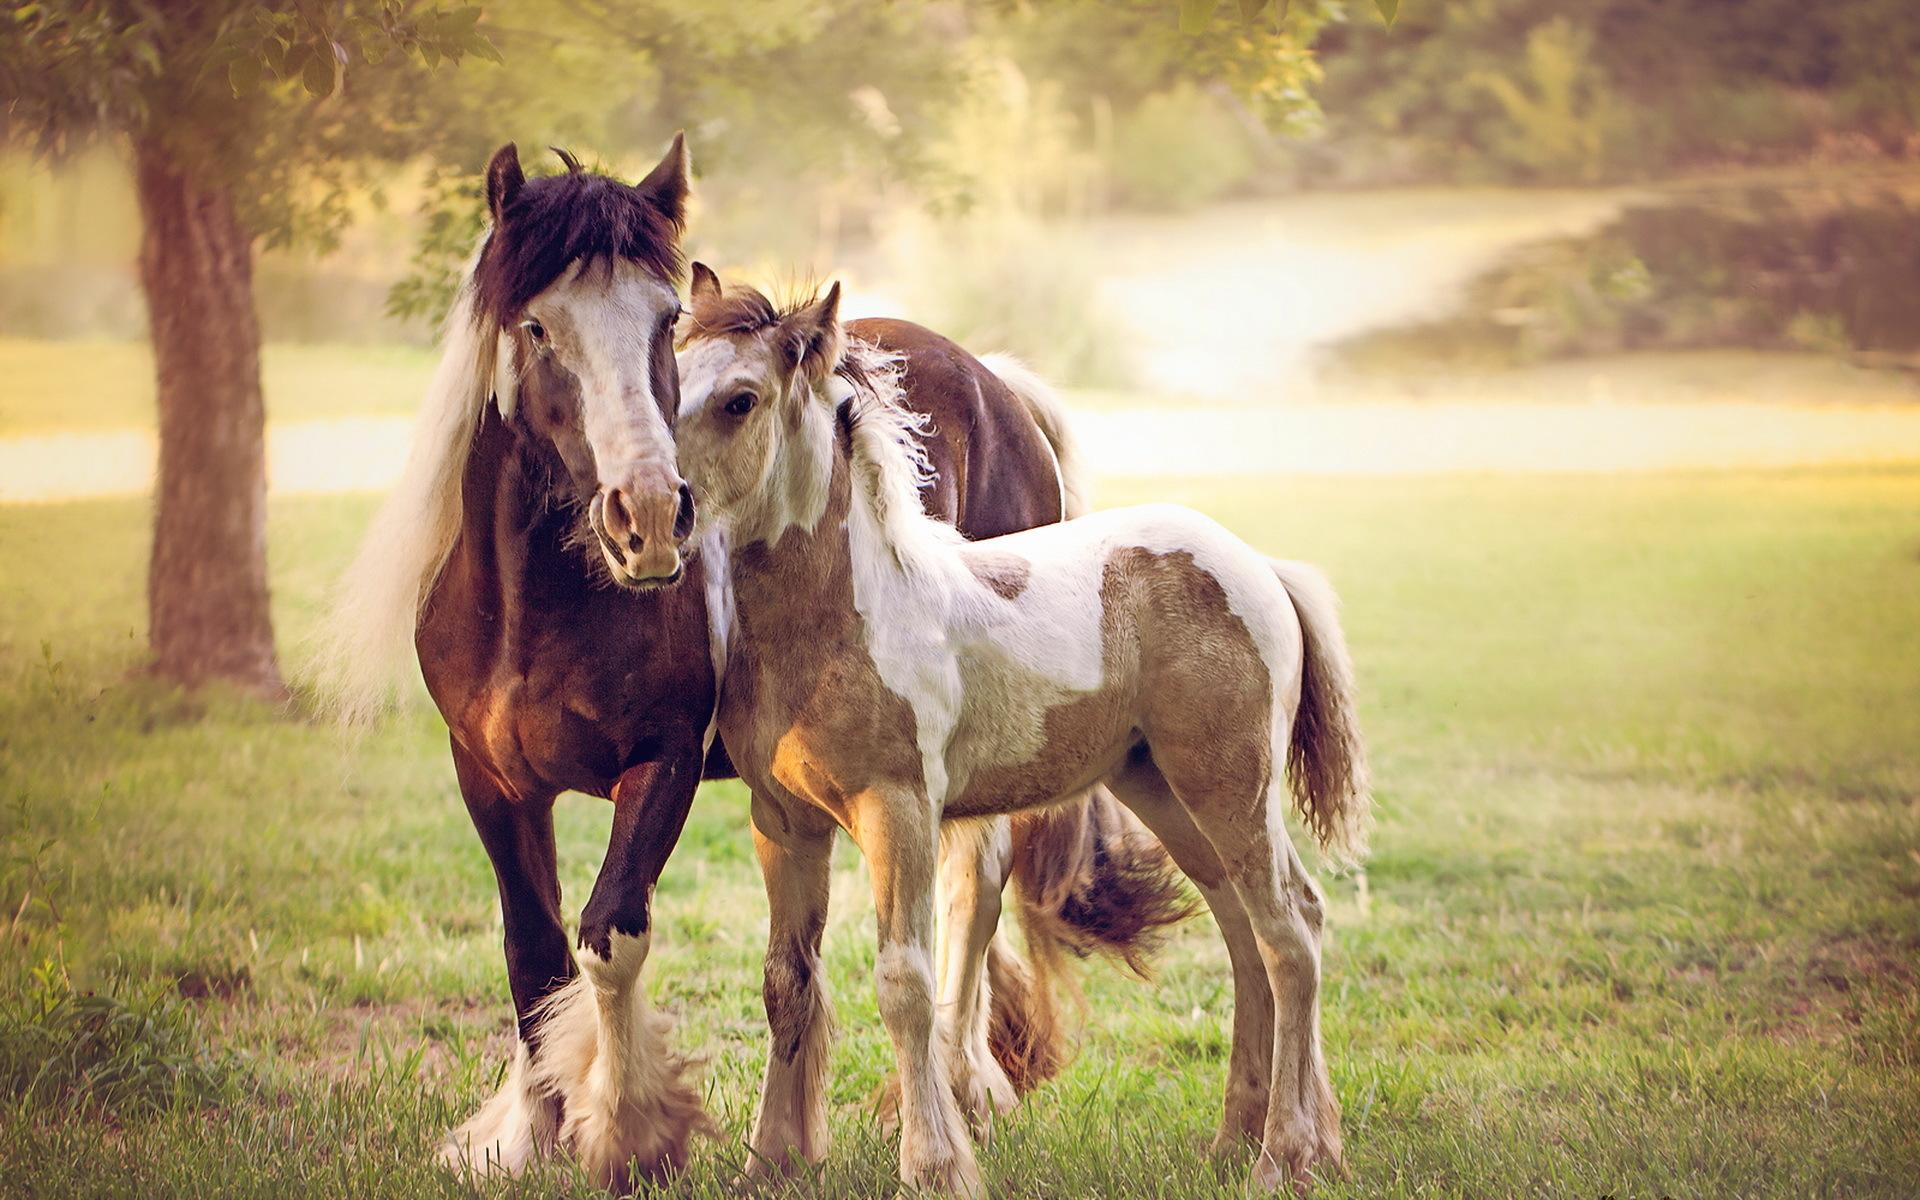 лошадь картинки большого разрешения очень любит наследника